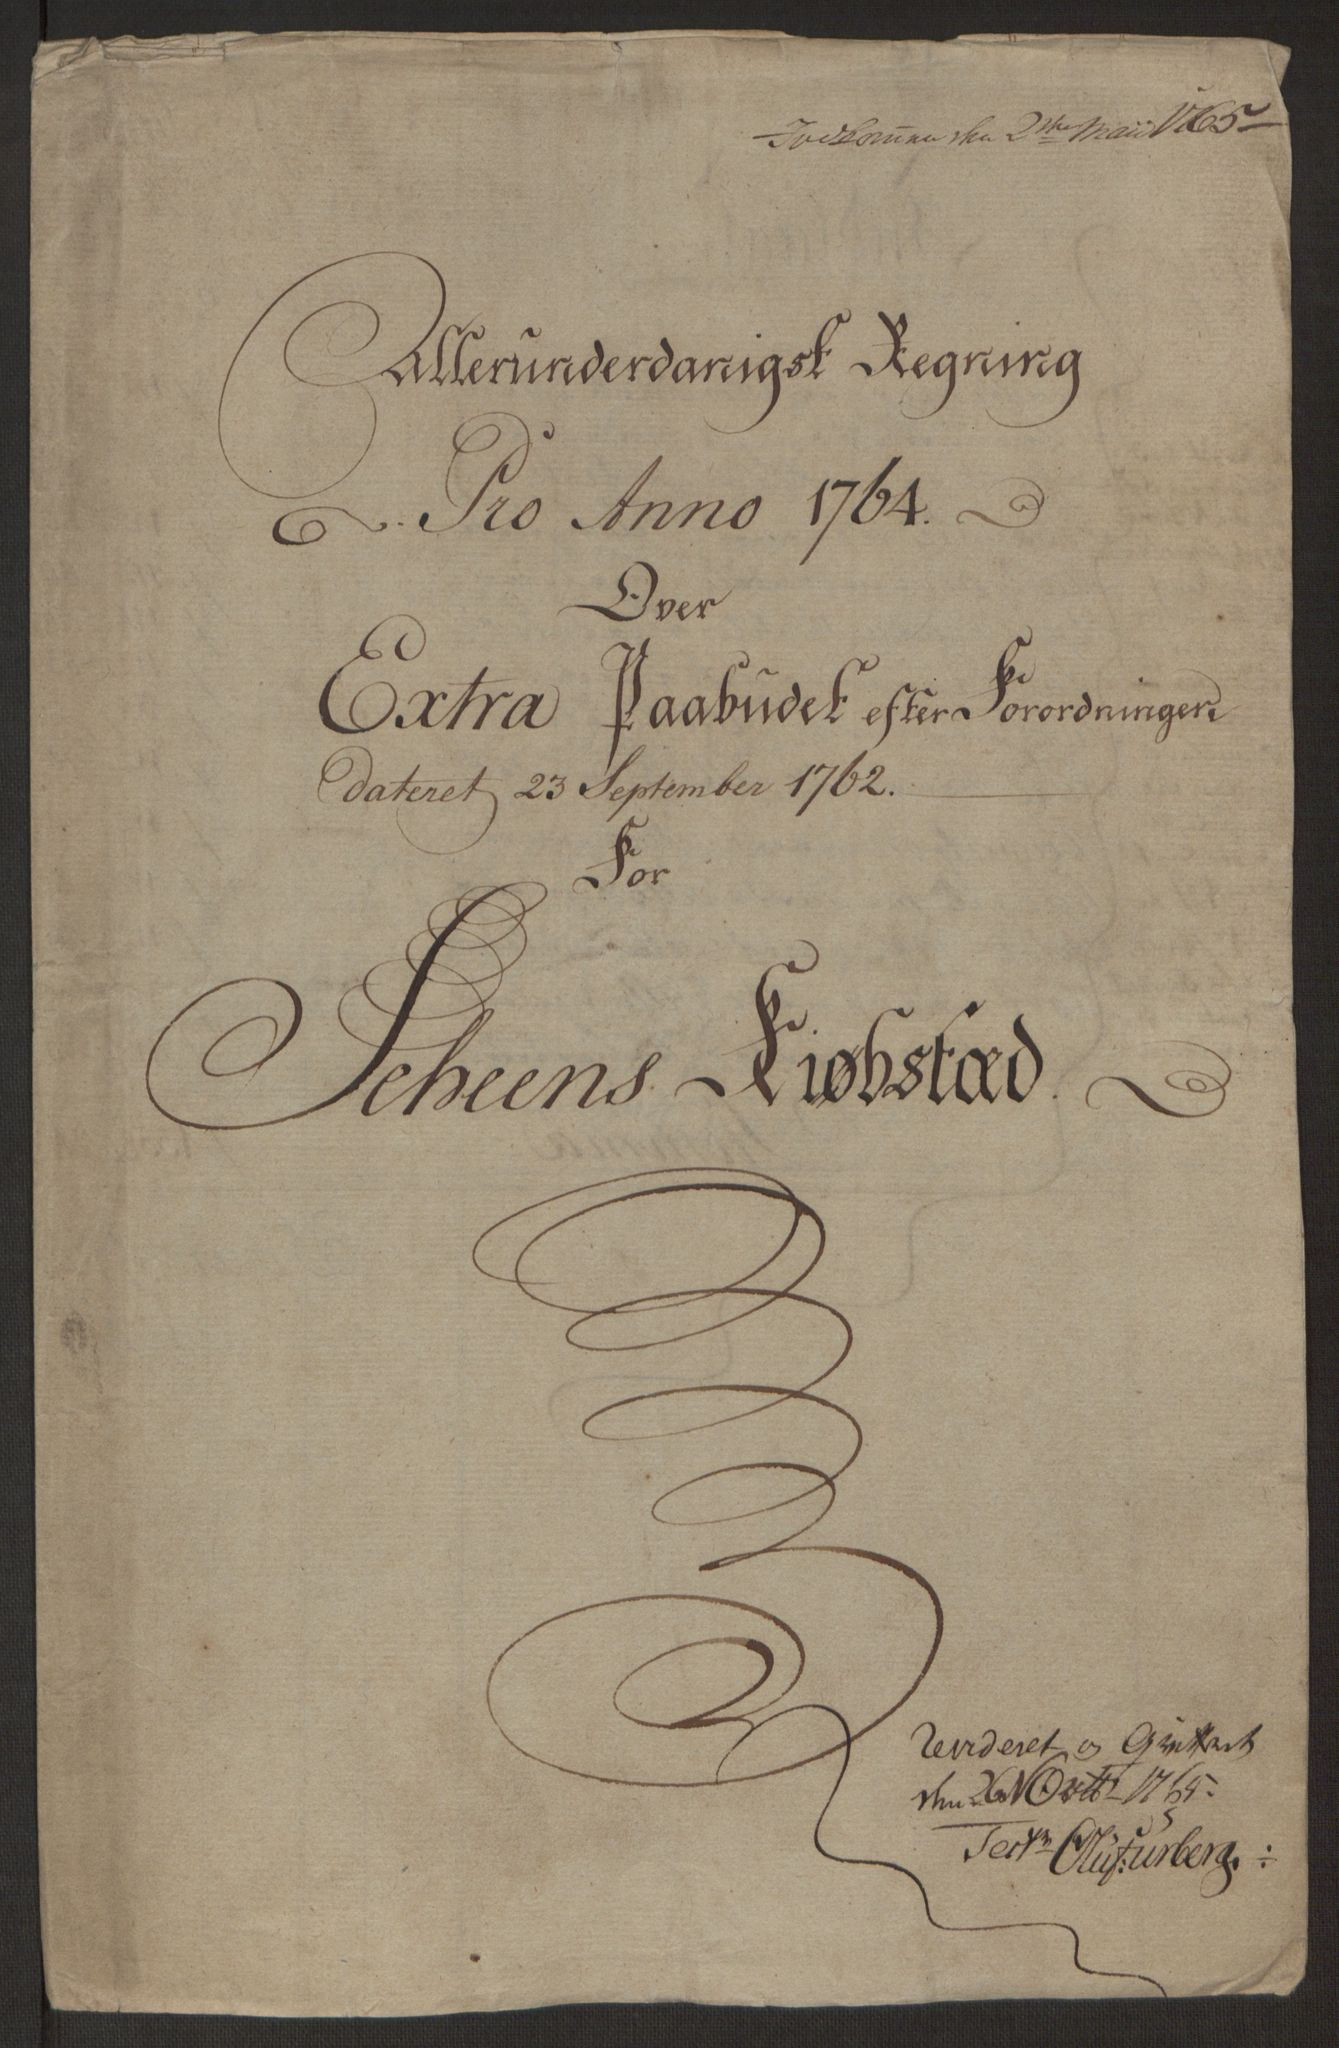 RA, Rentekammeret inntil 1814, Reviderte regnskaper, Byregnskaper, R/Rj/L0198: [J4] Kontribusjonsregnskap, 1762-1768, s. 175